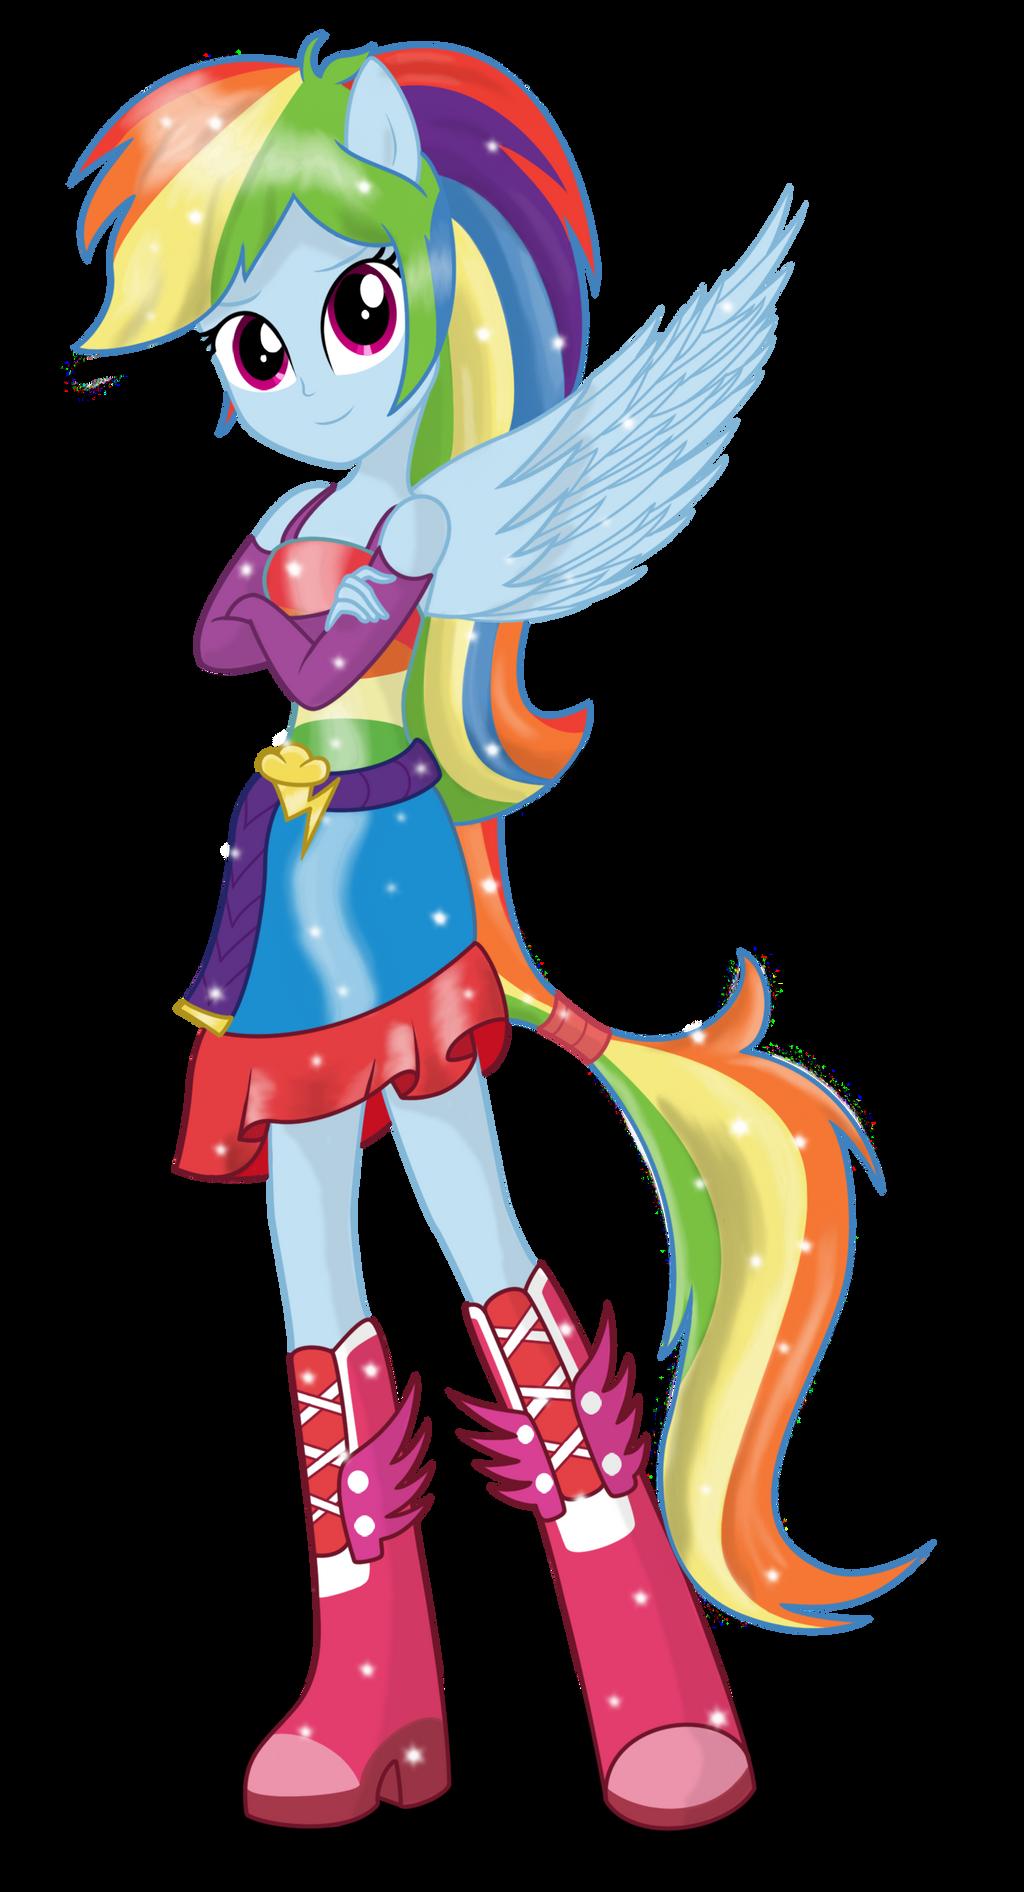 Rainbow Dash (Full Anthro) 200th deviation! by Ambassad0r